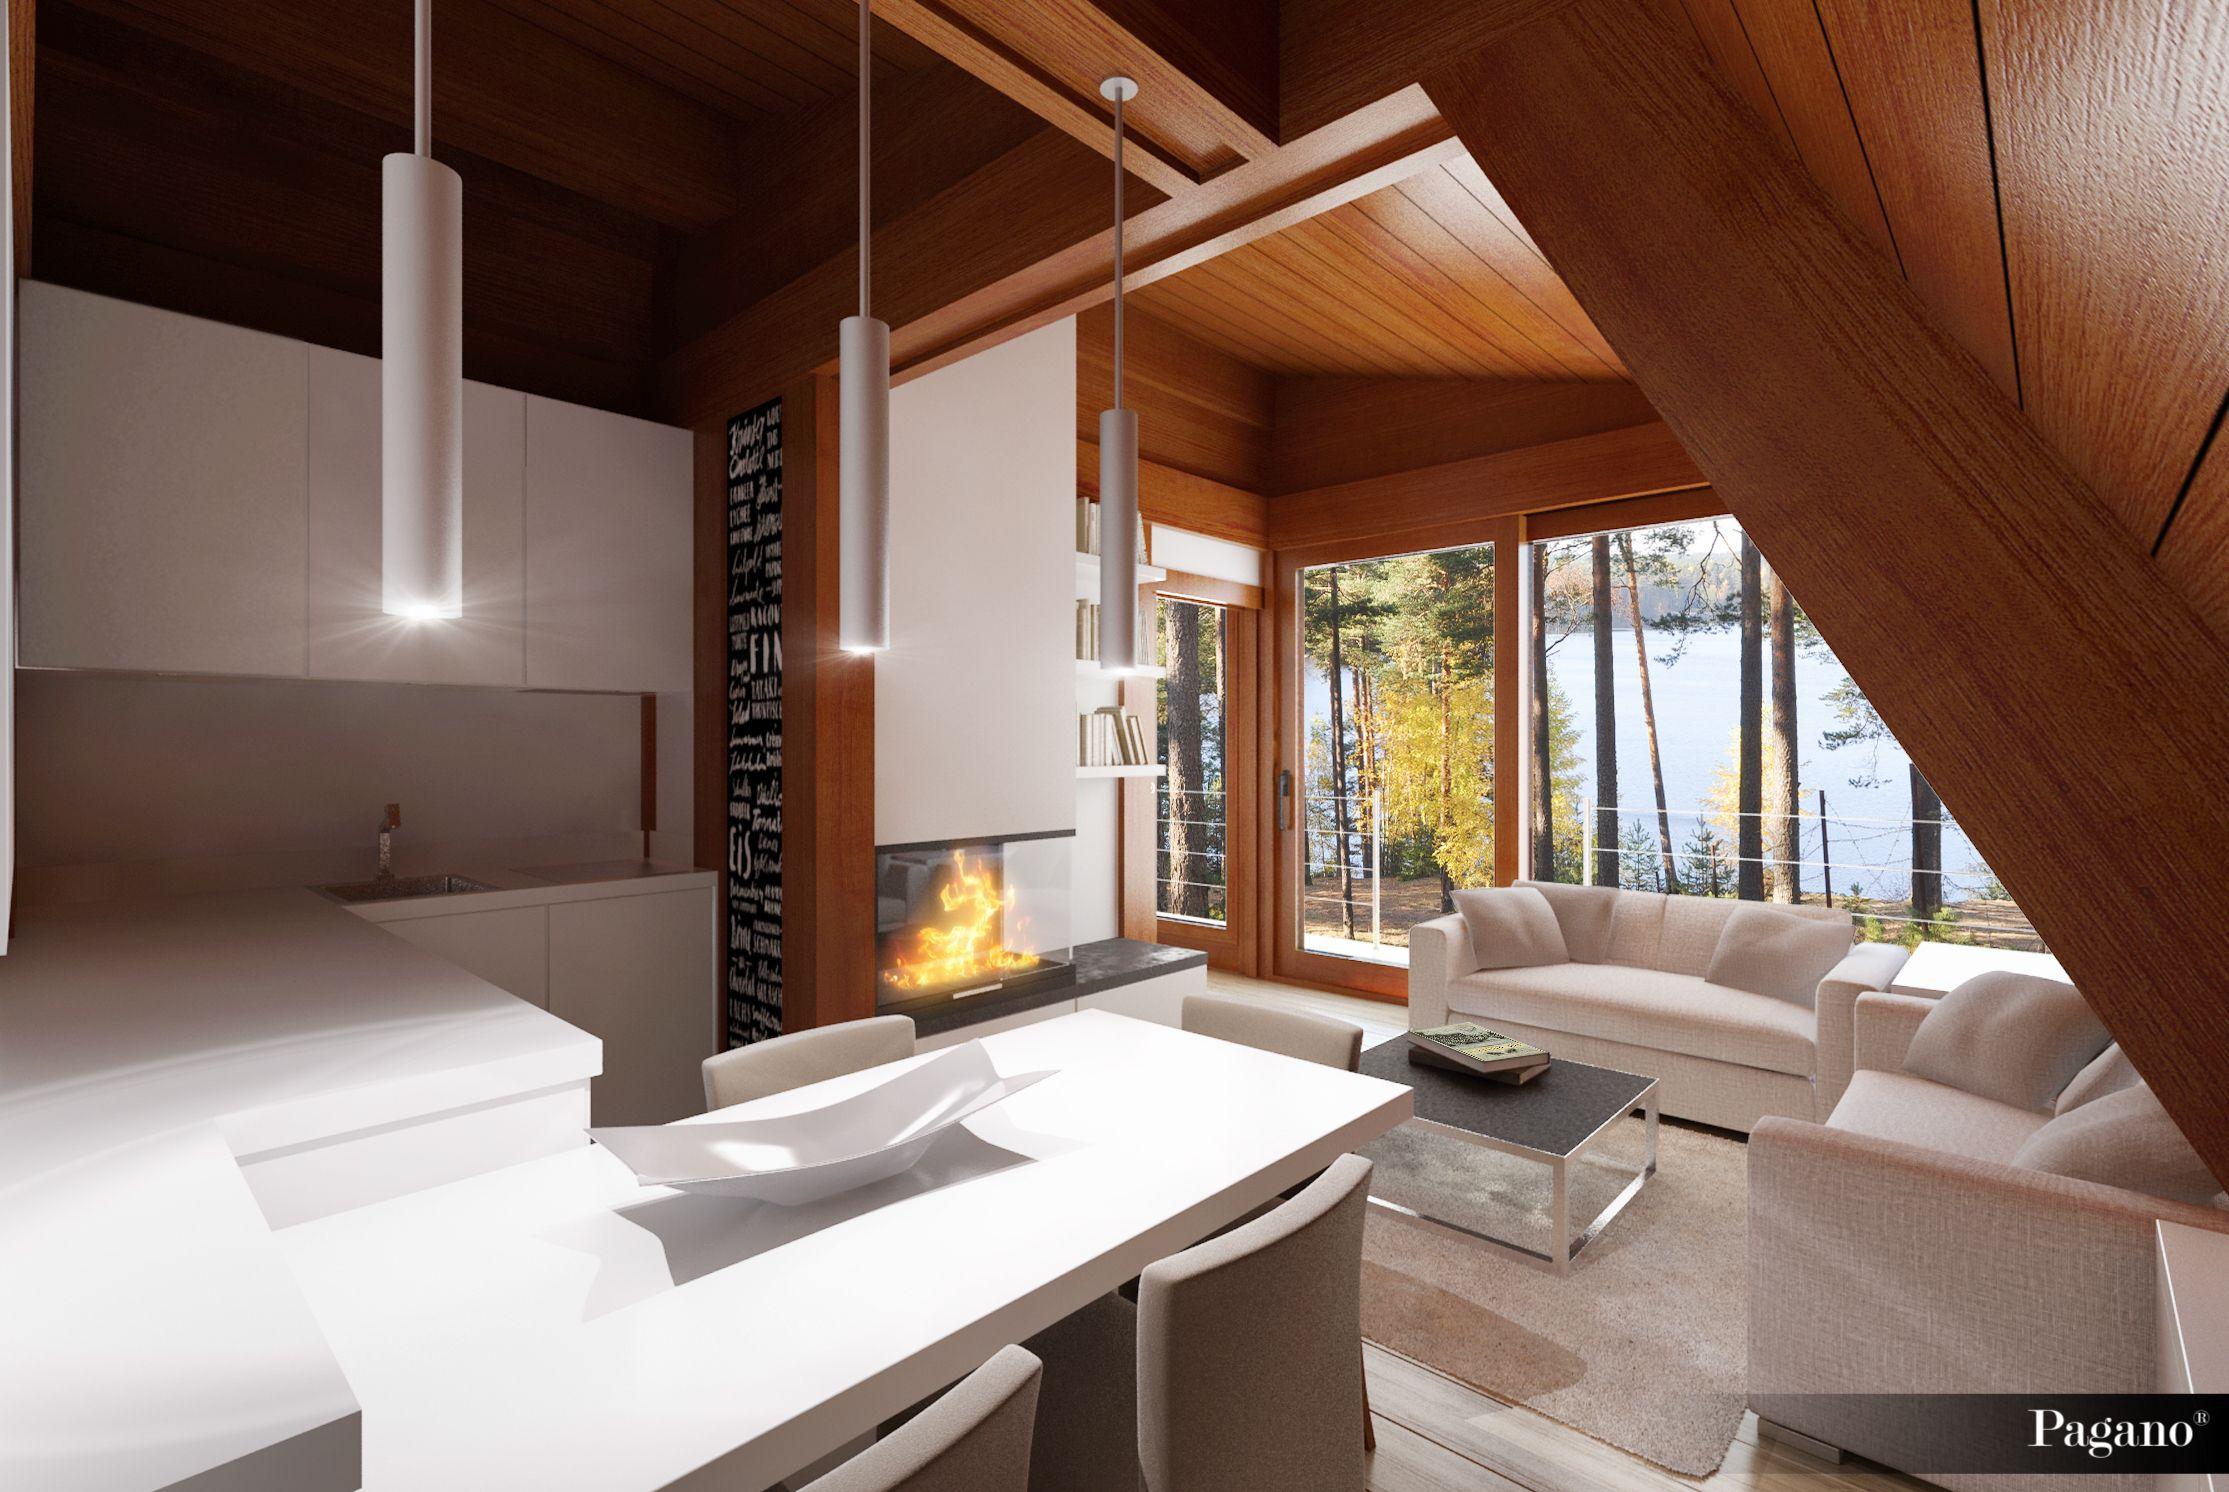 Maison en bois PAGANO Maisons en bois de luxe PAGANO